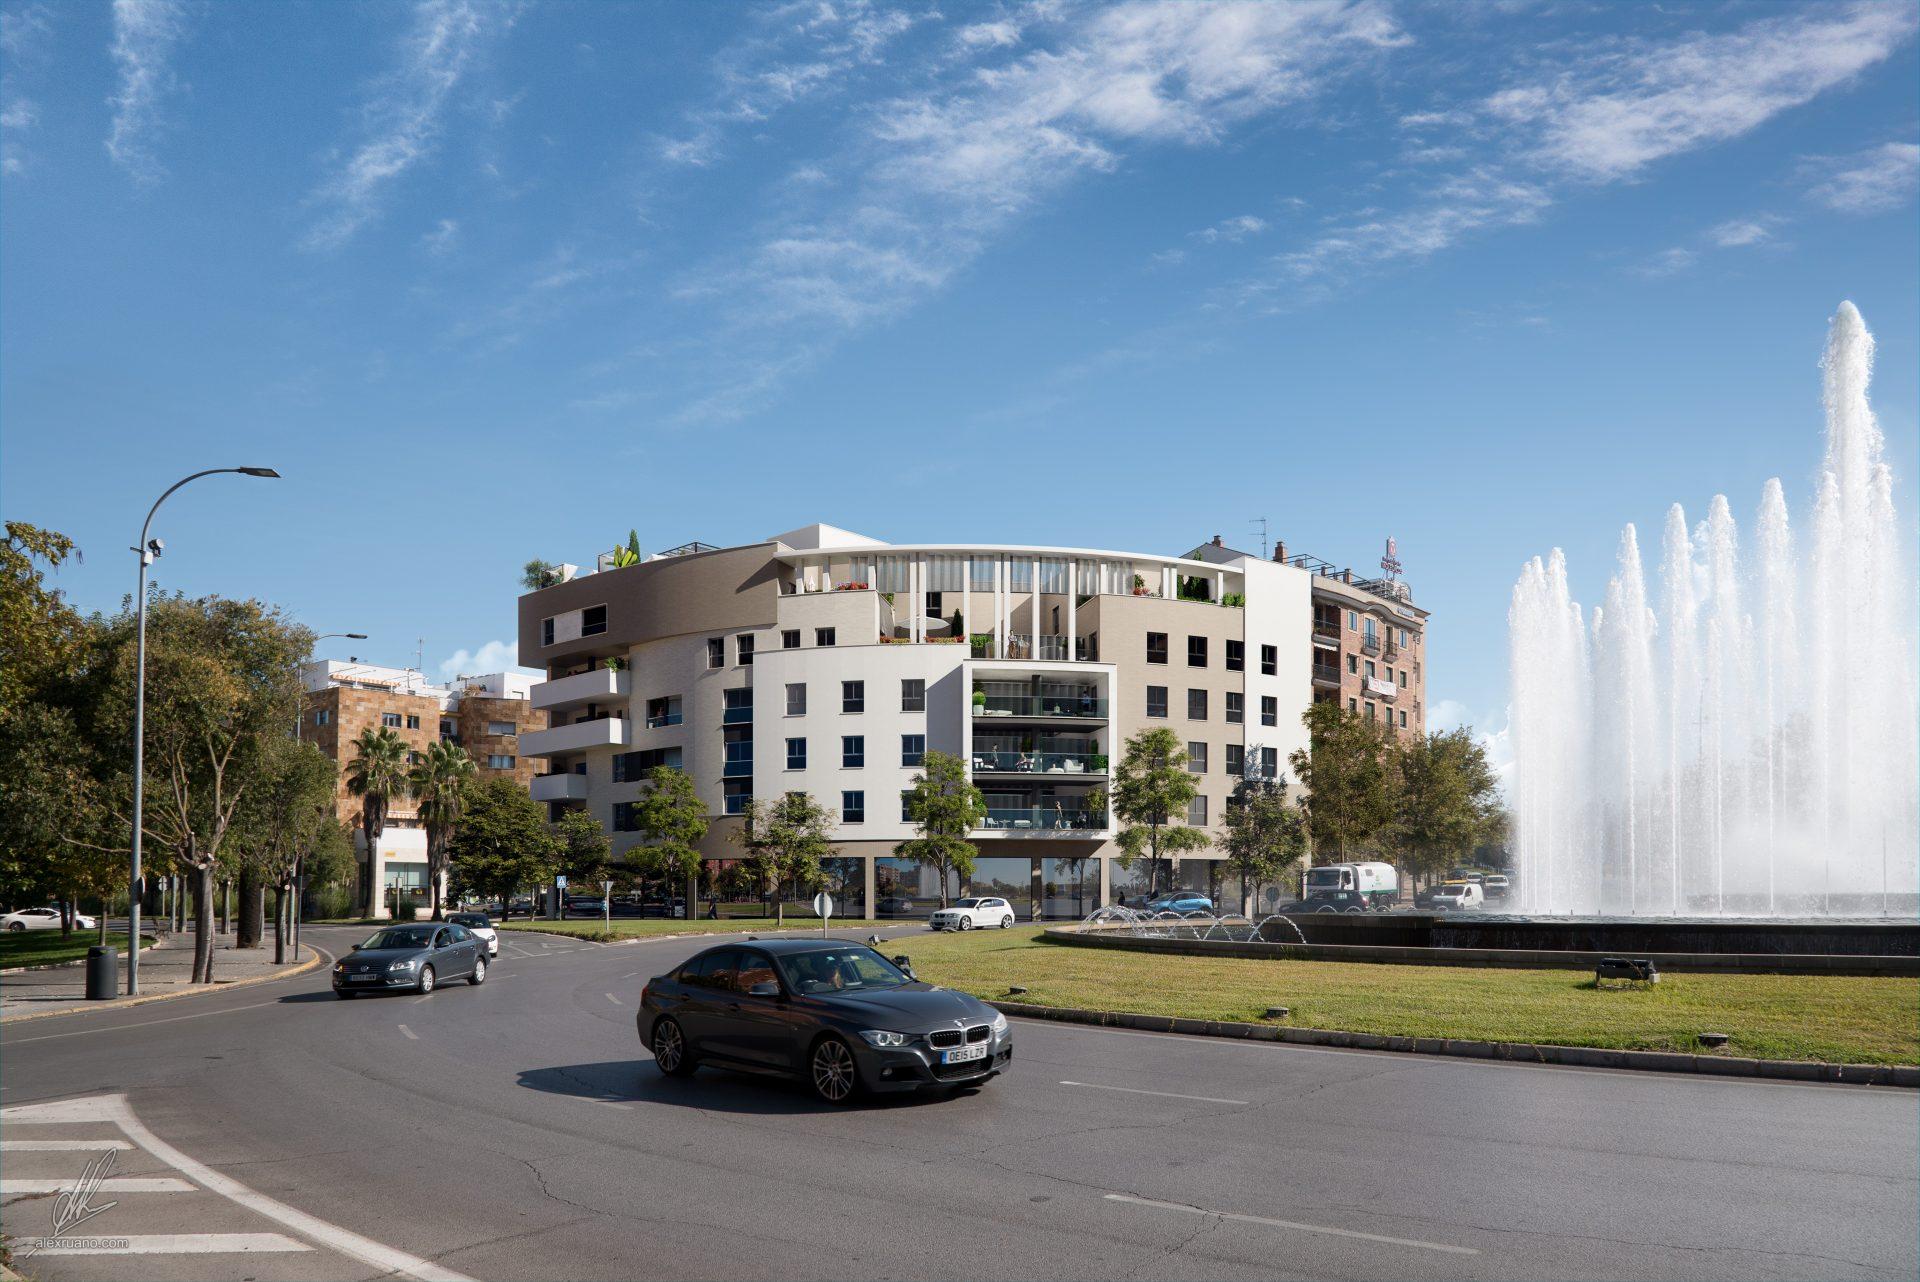 edificio_Reinha_altecnic_promotora_constructora